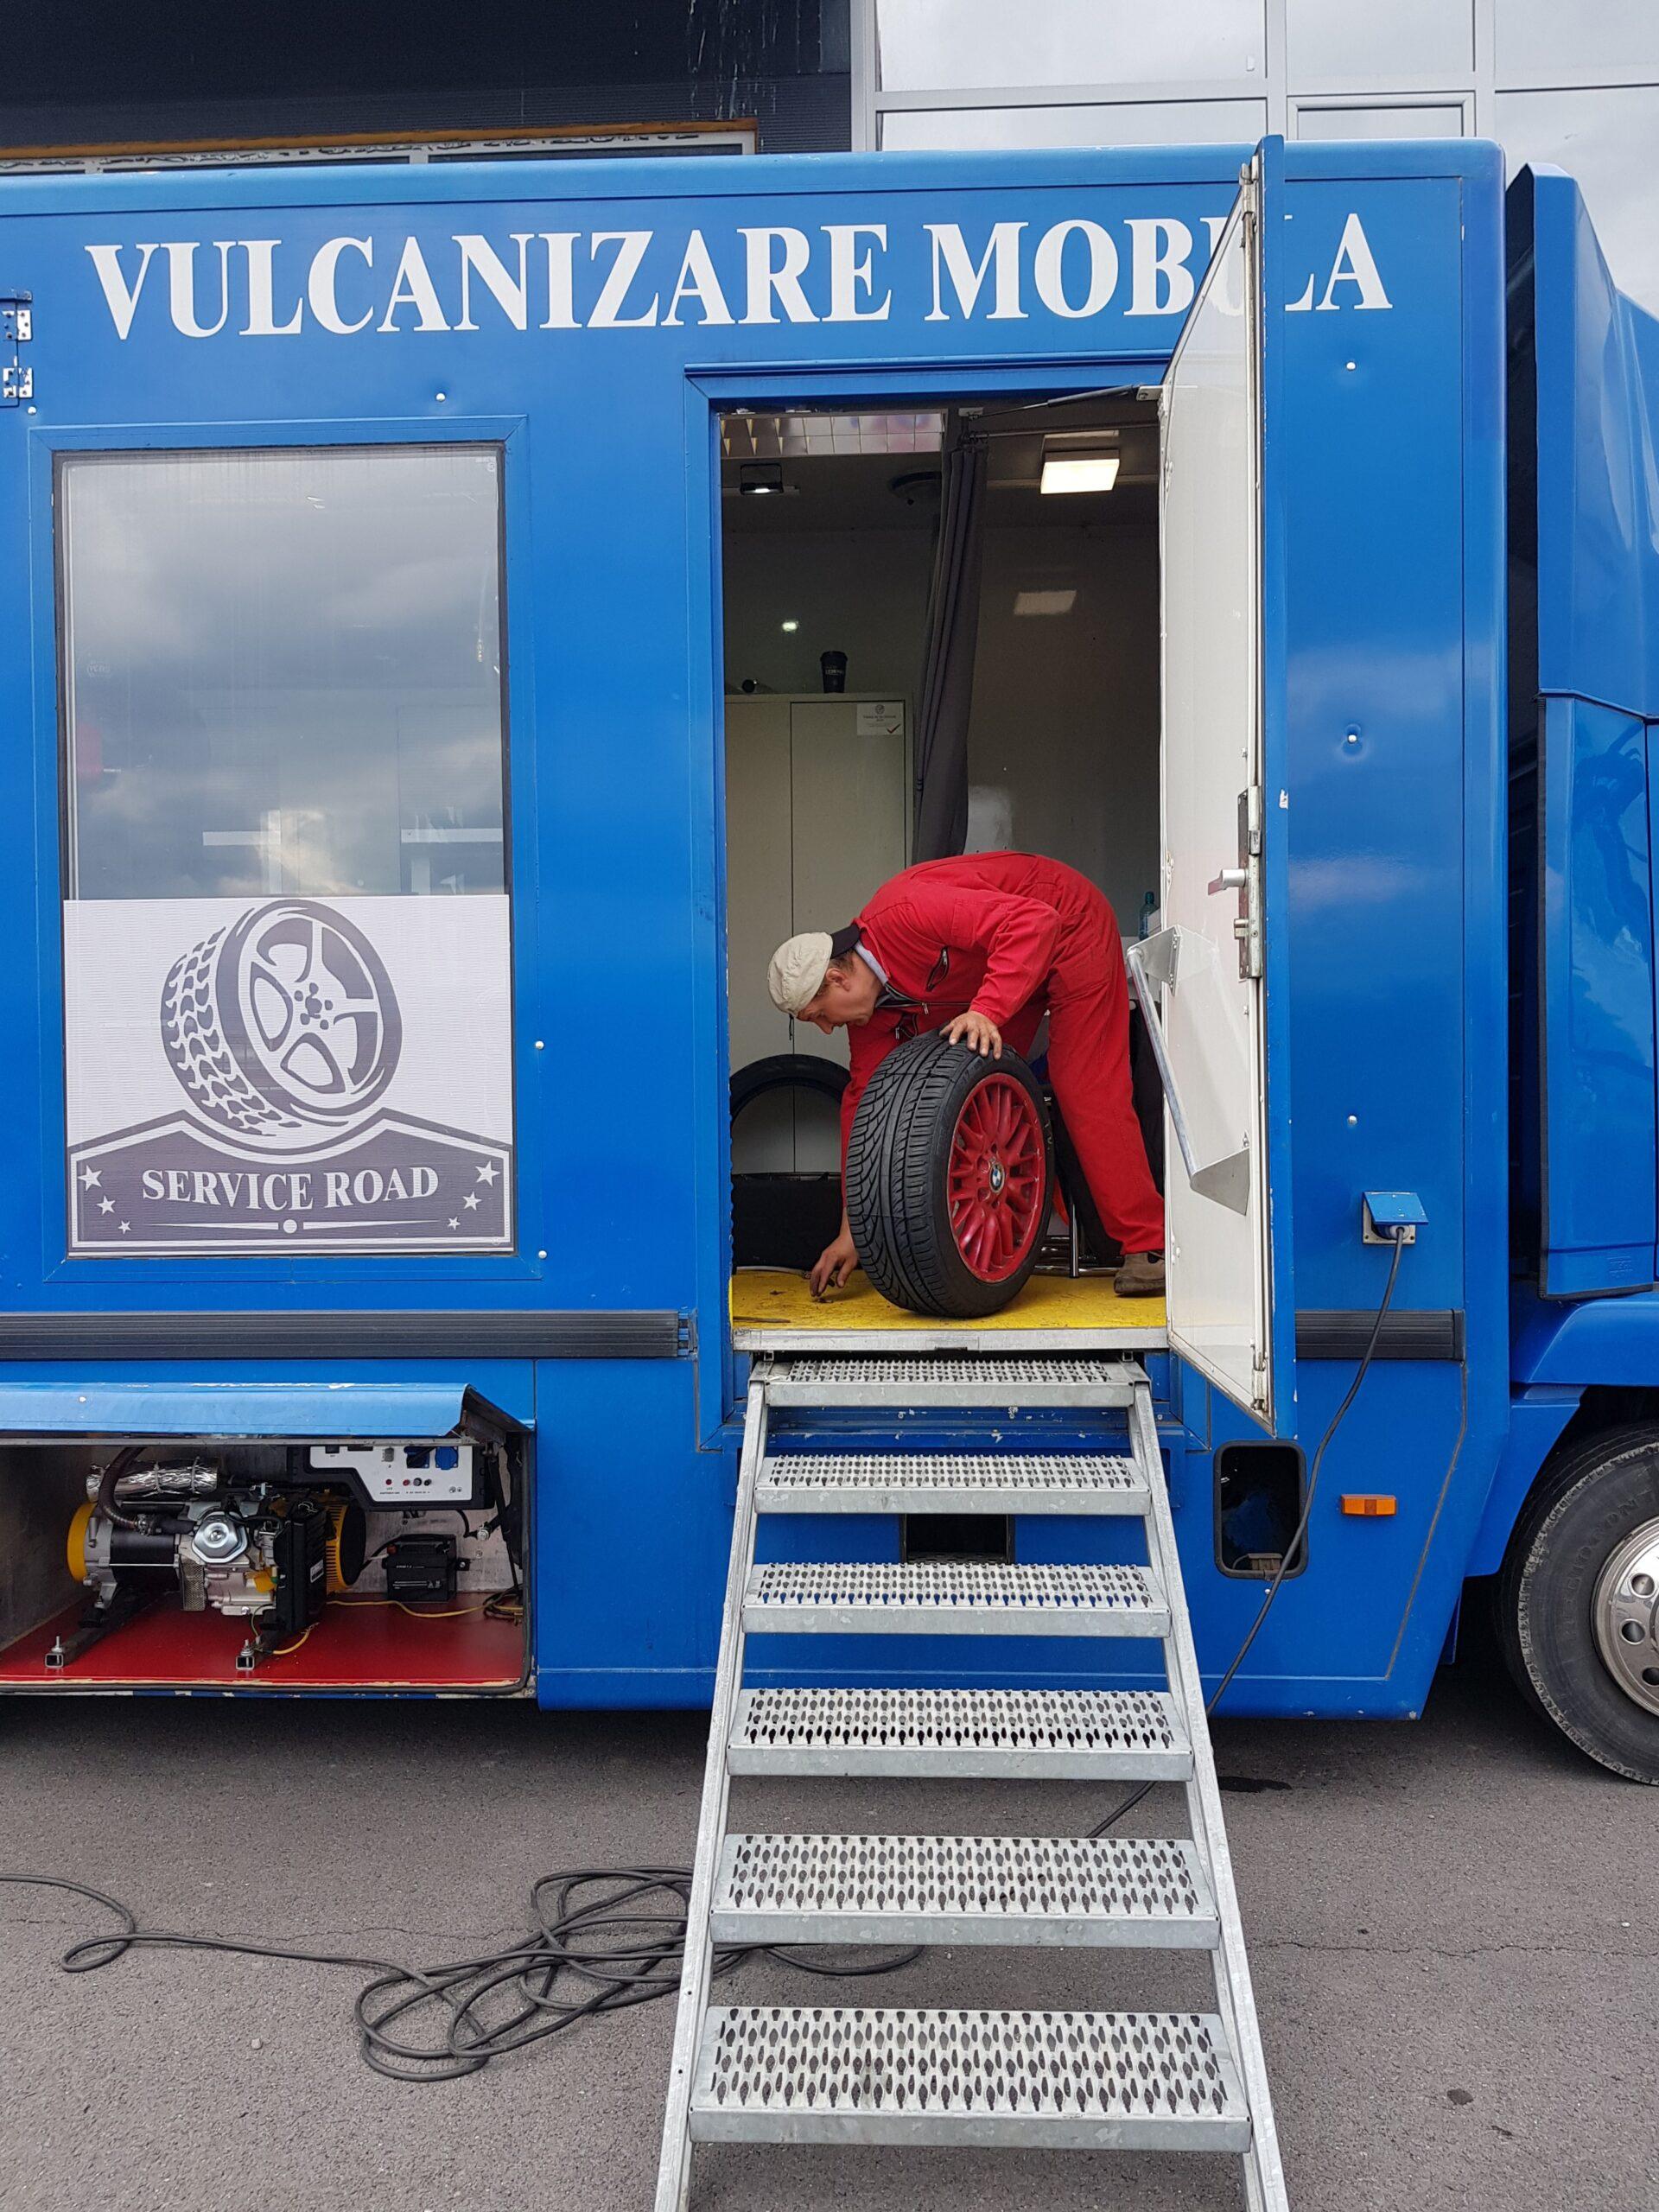 Vulcanizare mobila